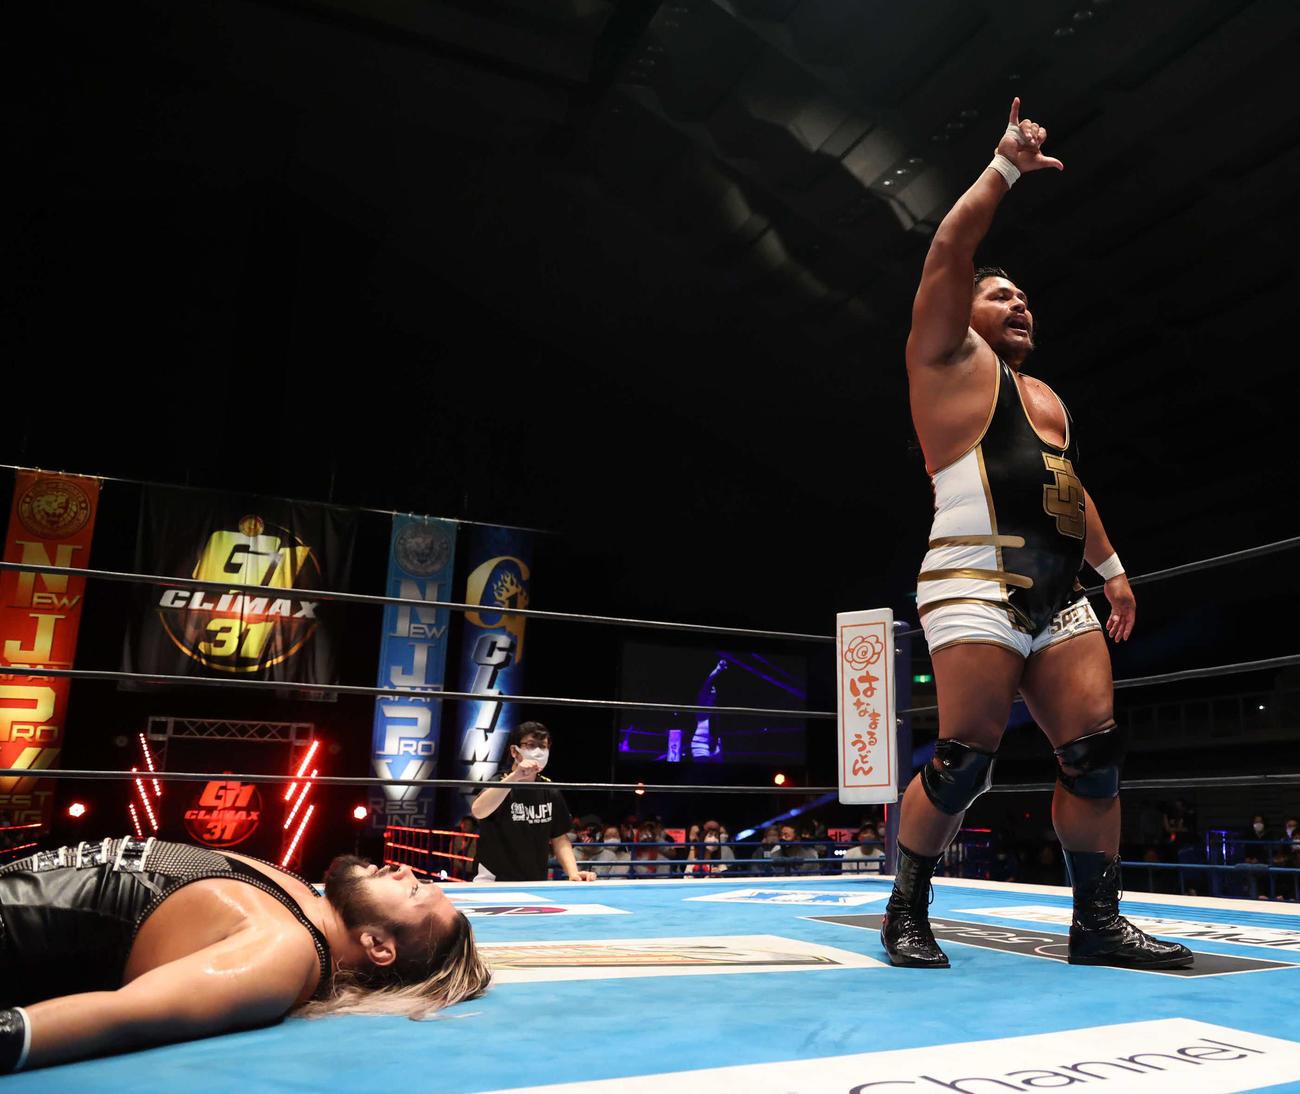 新日本プロレスG1クライマックス EVILを破り、8連勝でBブロック単独首位となったジェフ・コブ(右)(新日本プロレス提供)